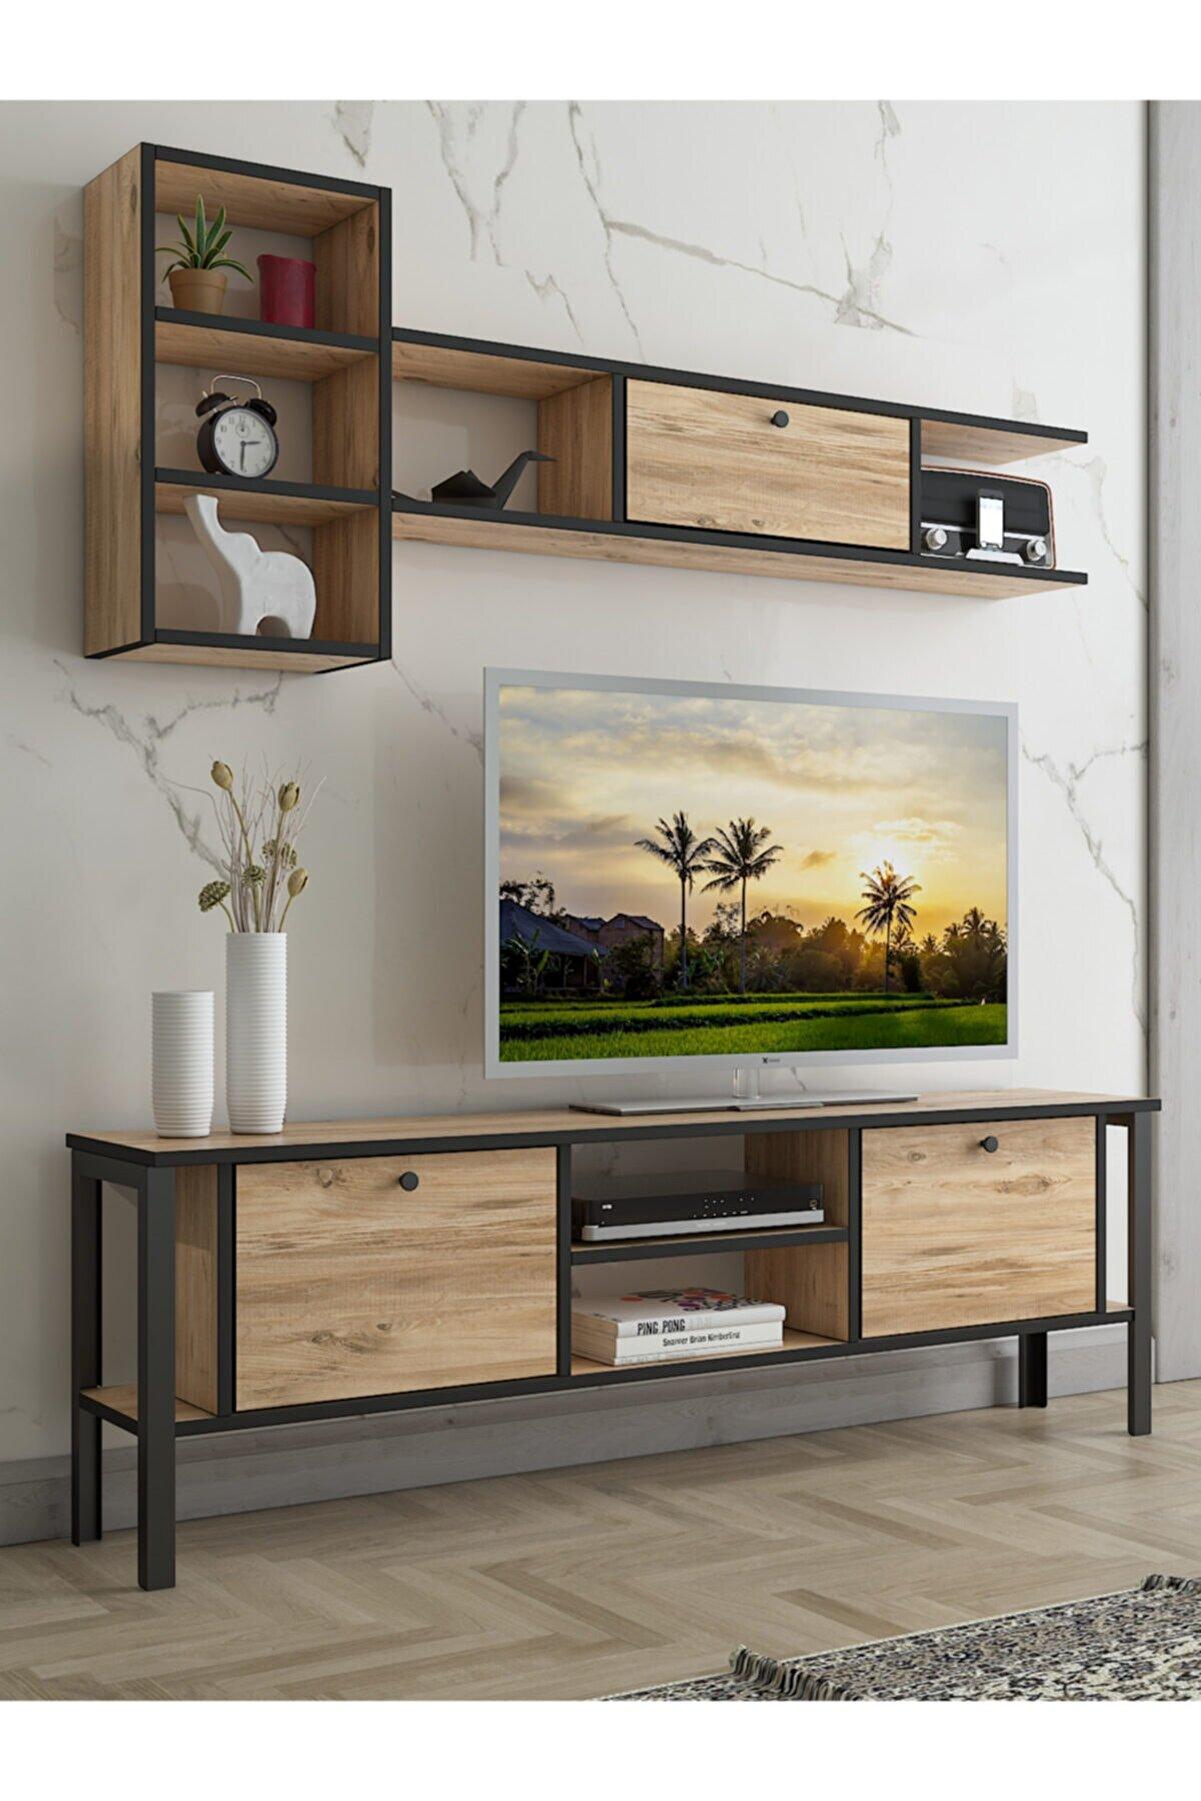 M&C Concept Wood'n Love Enta Duvar Raflı Kitaplıklı Metal Ayaklı Tv Ünitesi - Atlantik Çam / Siyah